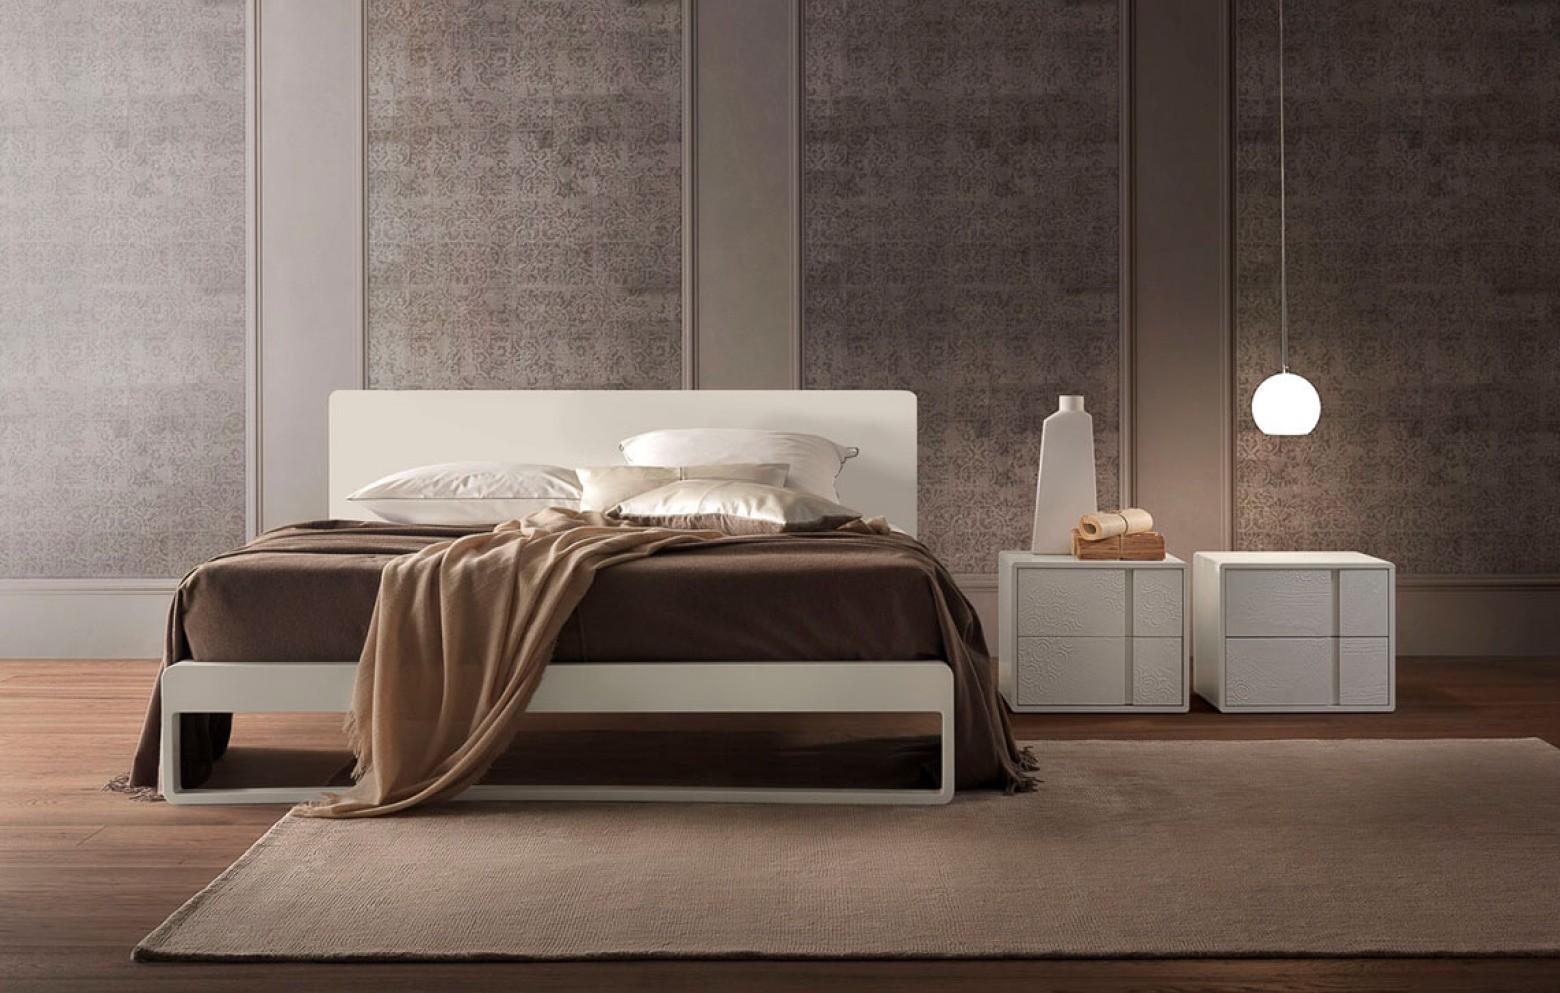 Full Size of Günstig Betten Kaufen Designerbett Martin Jetzt Gnstig Dänisches Bettenlager Badezimmer Außergewöhnliche Meise Küche Schlafzimmer Massiv Mit Matratze Und Bett Günstig Betten Kaufen